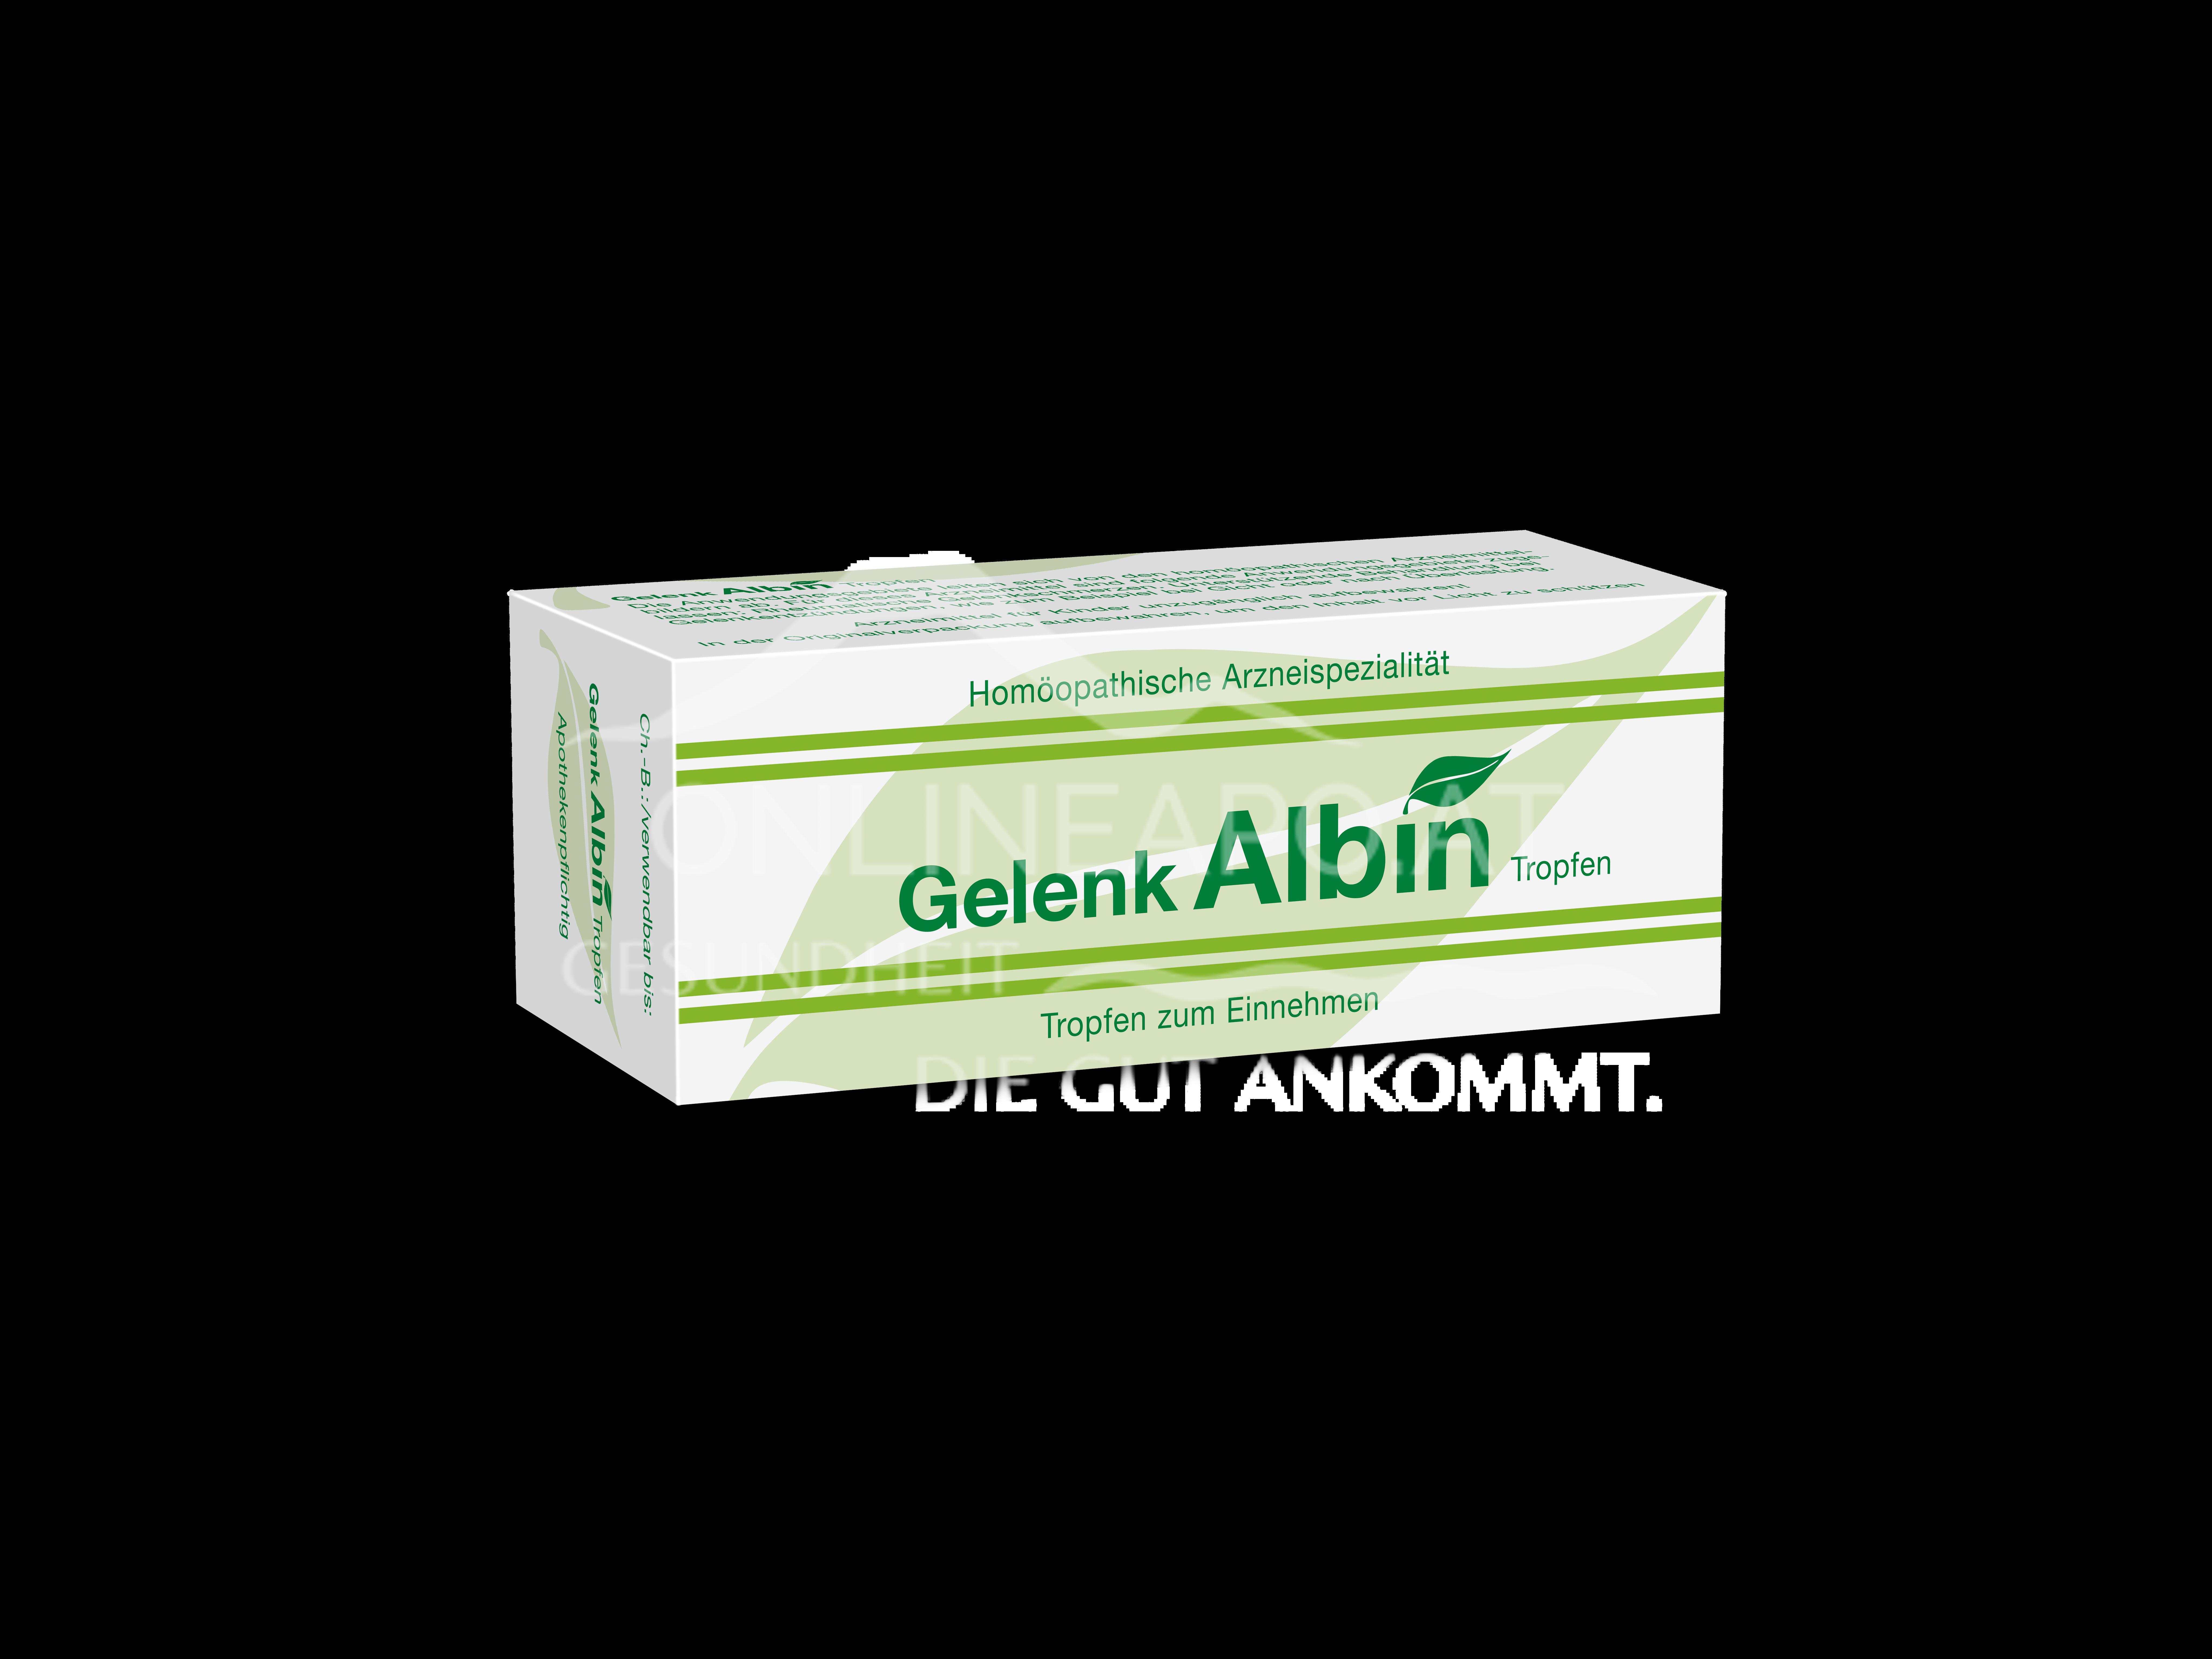 Gelenk Albin Tropfen